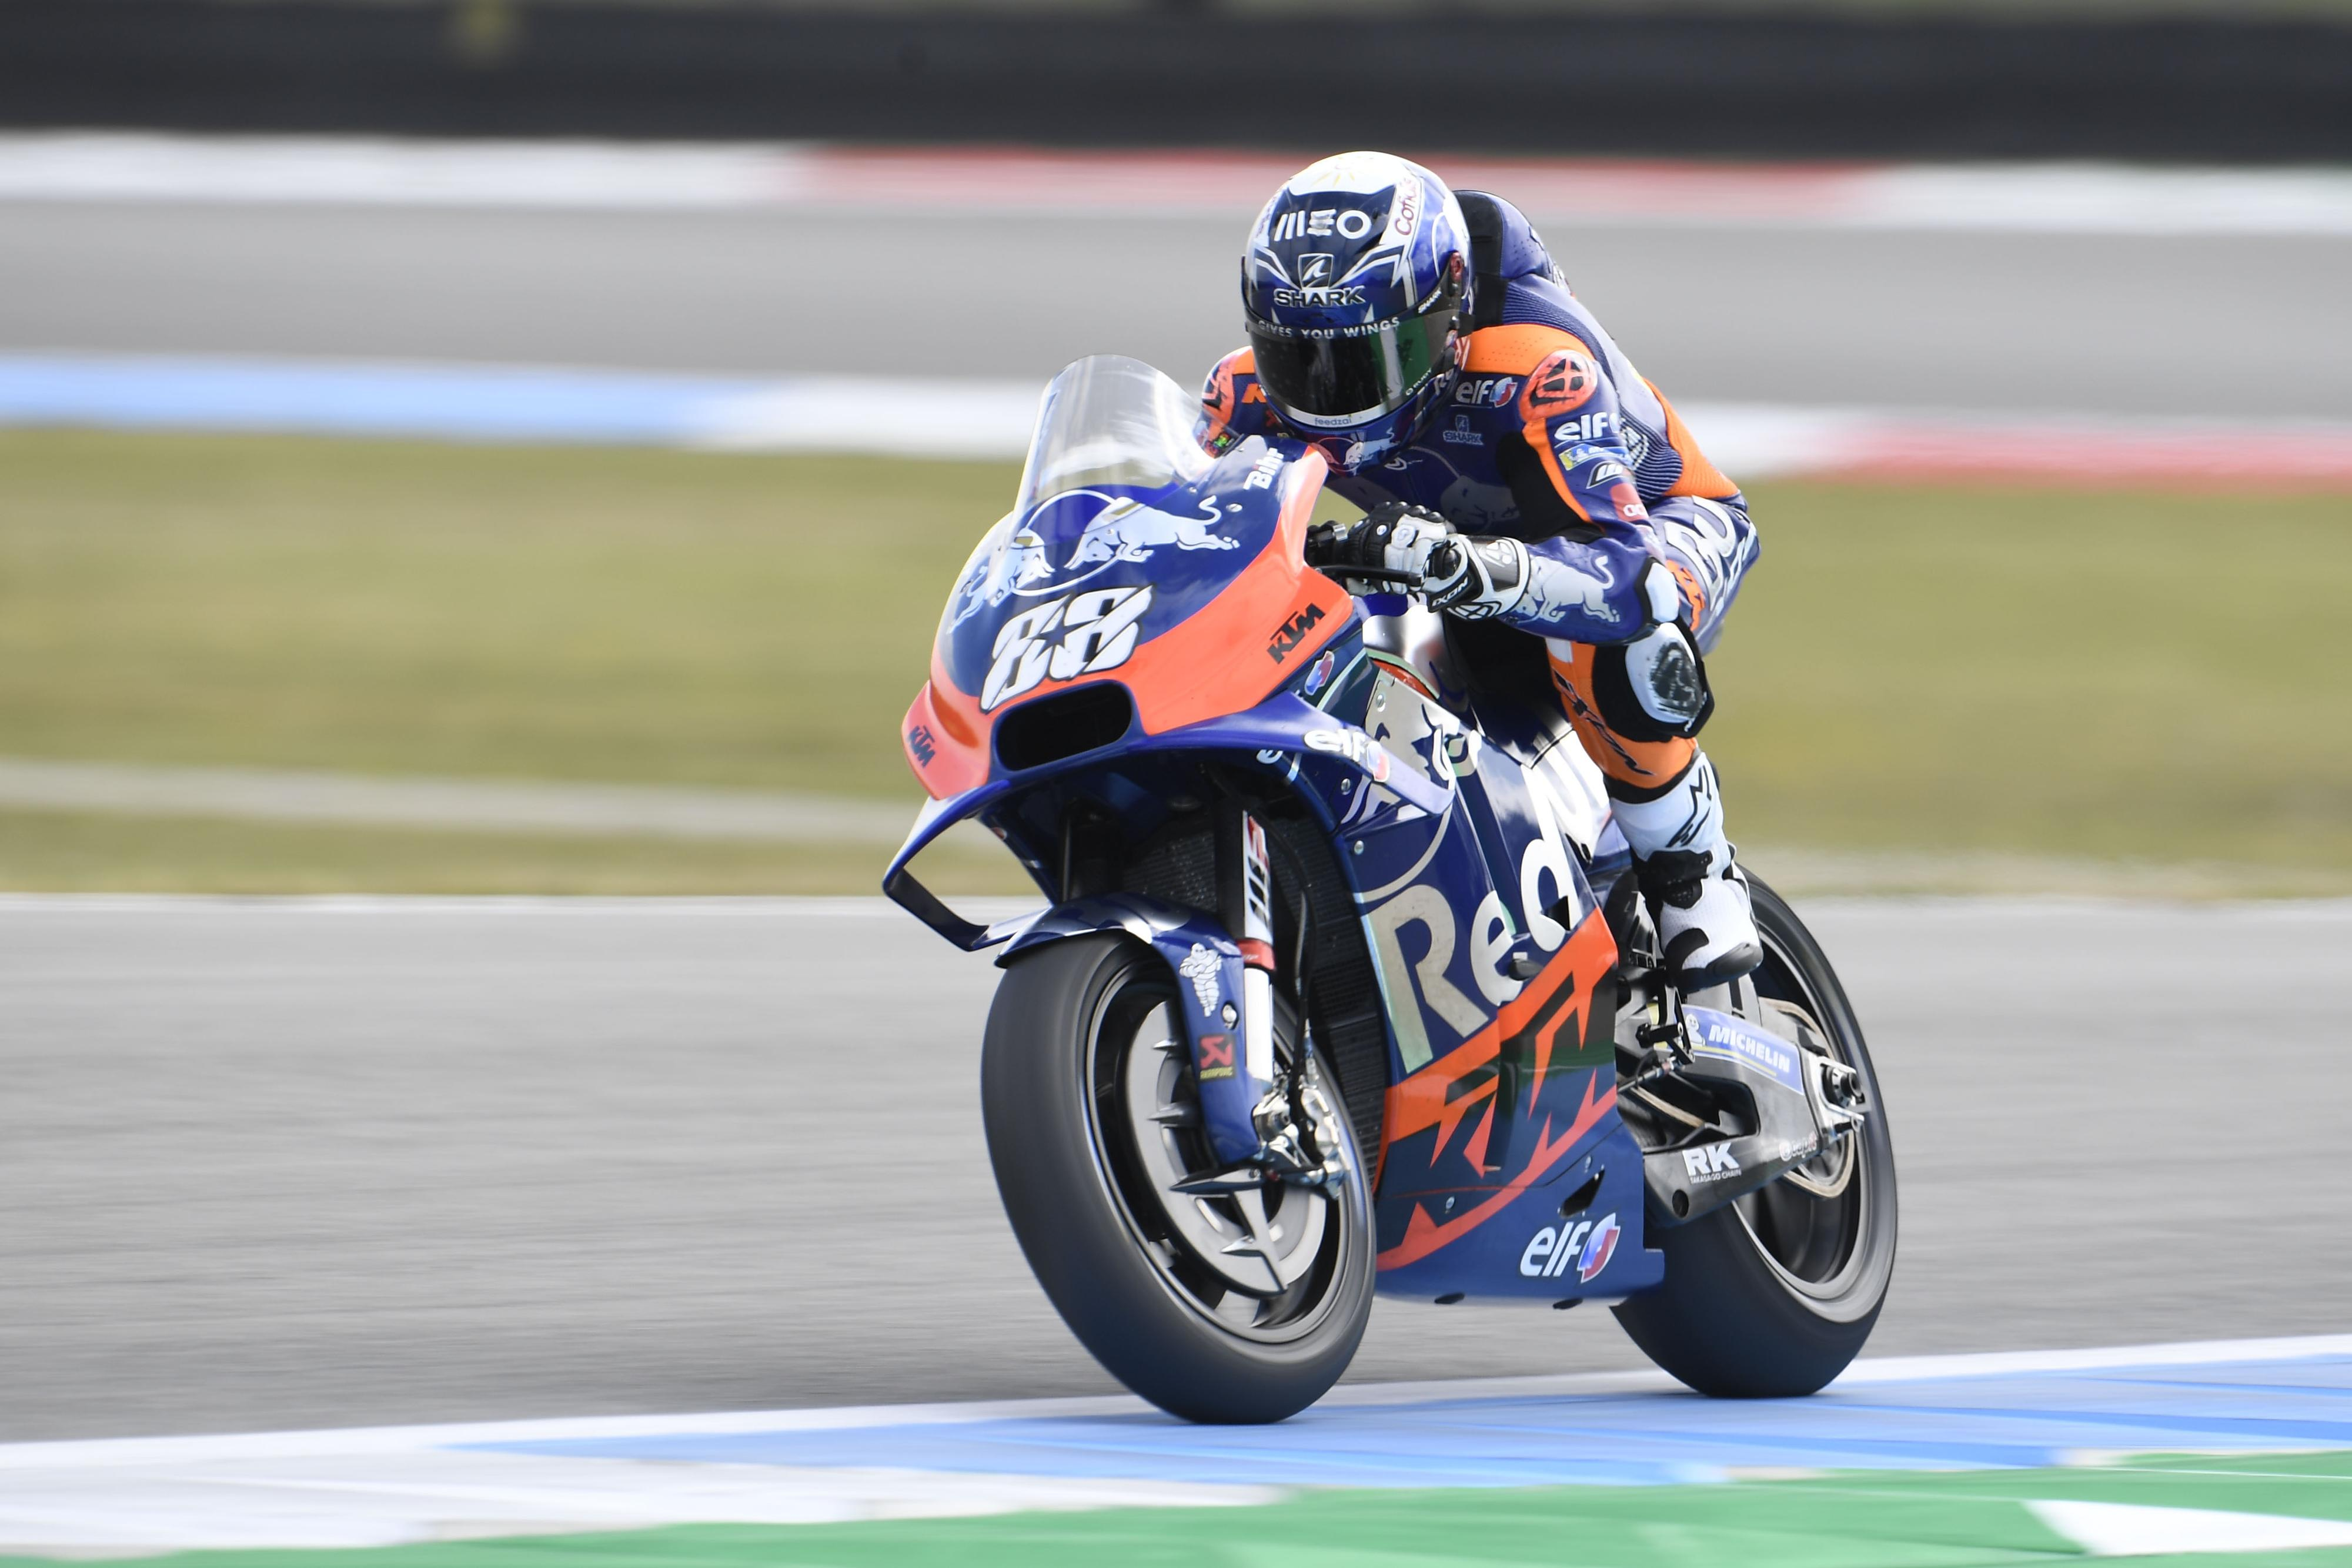 MotoGP: Oliveira em 15º permite sonhar